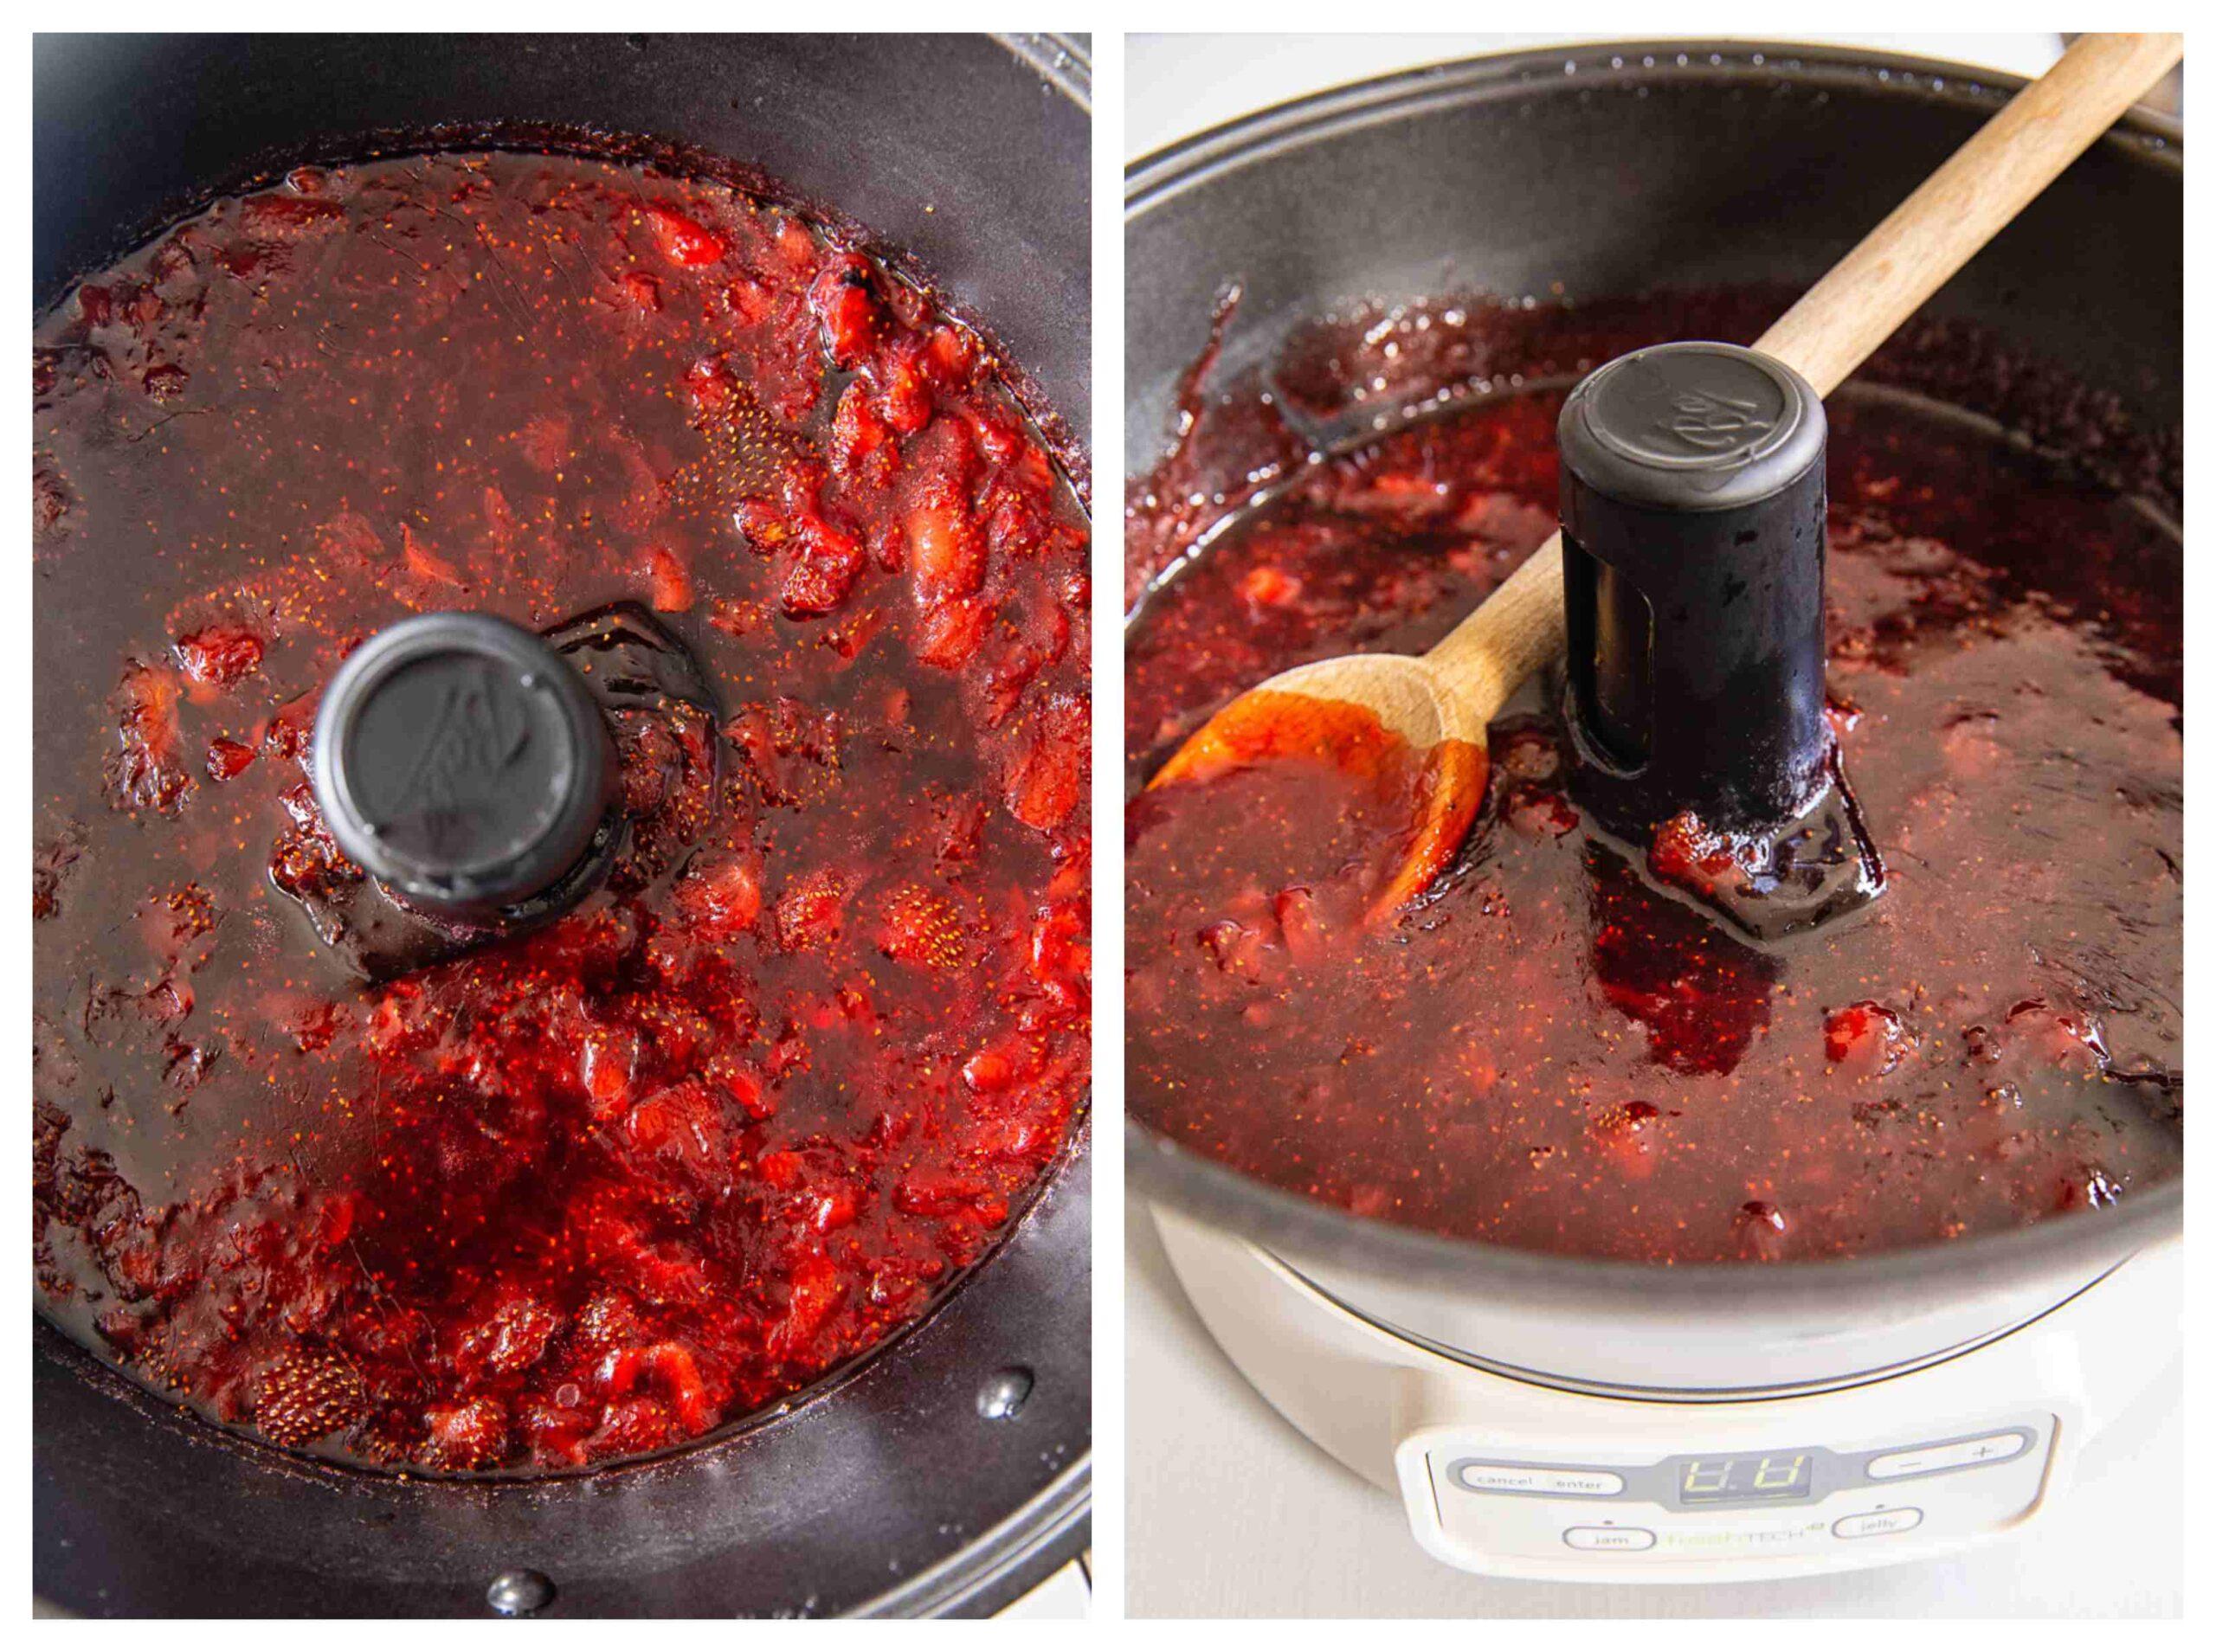 strawberry jam in jam maker